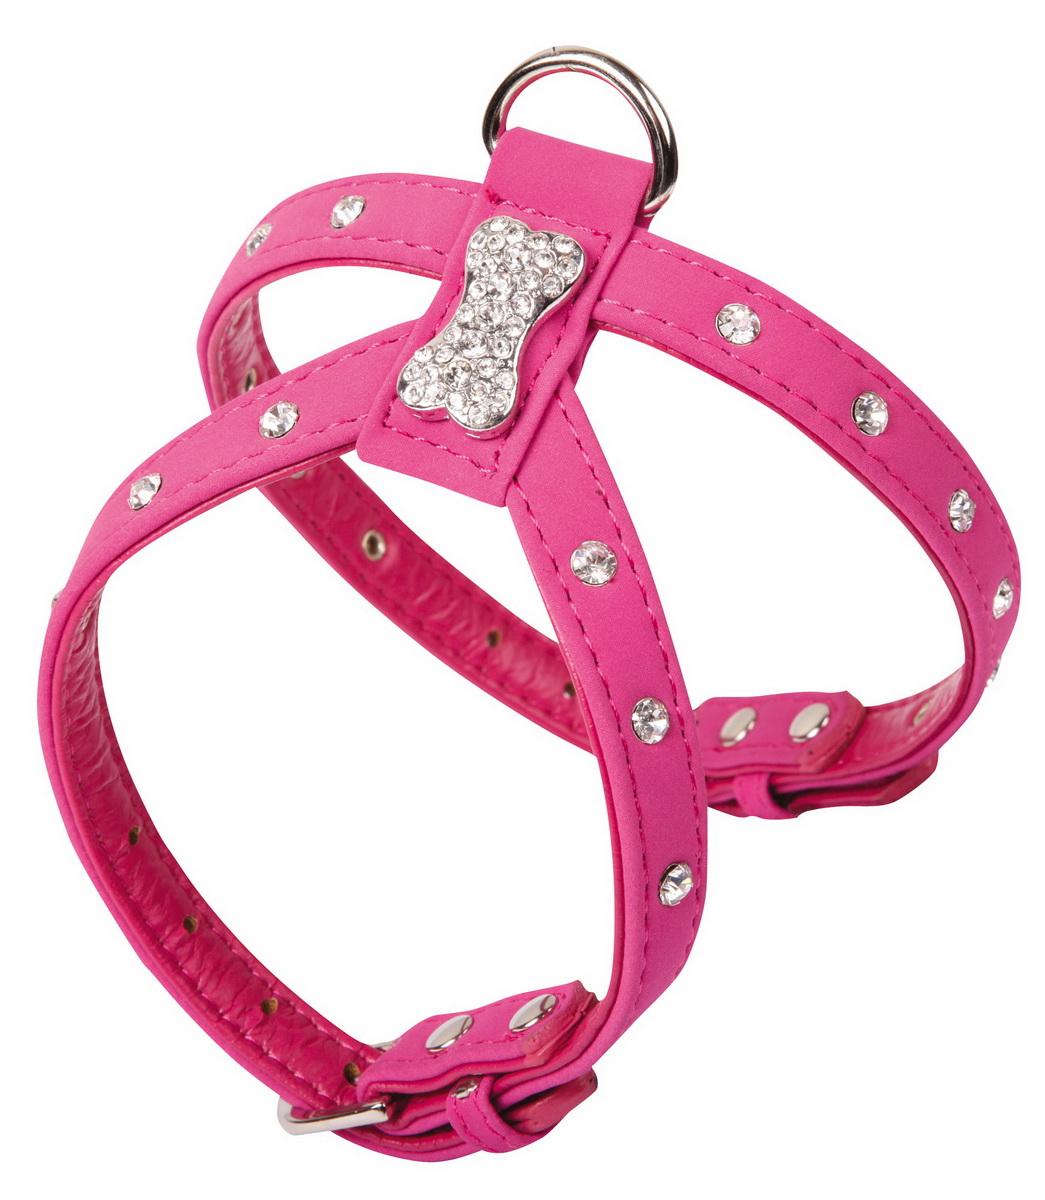 Шлейка для собак Dezzie, цвет: розовый, обхват шеи 20-26 см, обхват груди 28-34 см. Размер M. 5624079С-52 сумочка для лакомств Мешок_зимаШлейка Dezzie, изготовленная из бархата и украшенная металлической вставкой в виде косточки и стразами подходит для собак средних пород. Крепкие металлические элементы делают ее надежной и долговечной. Шлейка - это альтернатива ошейнику. Правильно подобранная шлейка не стесняет движения питомца, не натирает кожу, поэтому животное чувствует себя в ней уверенно и комфортно. Изделие отличается высоким качеством, удобством и универсальностью. Имеется металлическое кольцо для крепления поводка. Размер регулируется при помощи пряжек.Обхват шеи: 20-26 см. Обхват груди: 28-34 см.